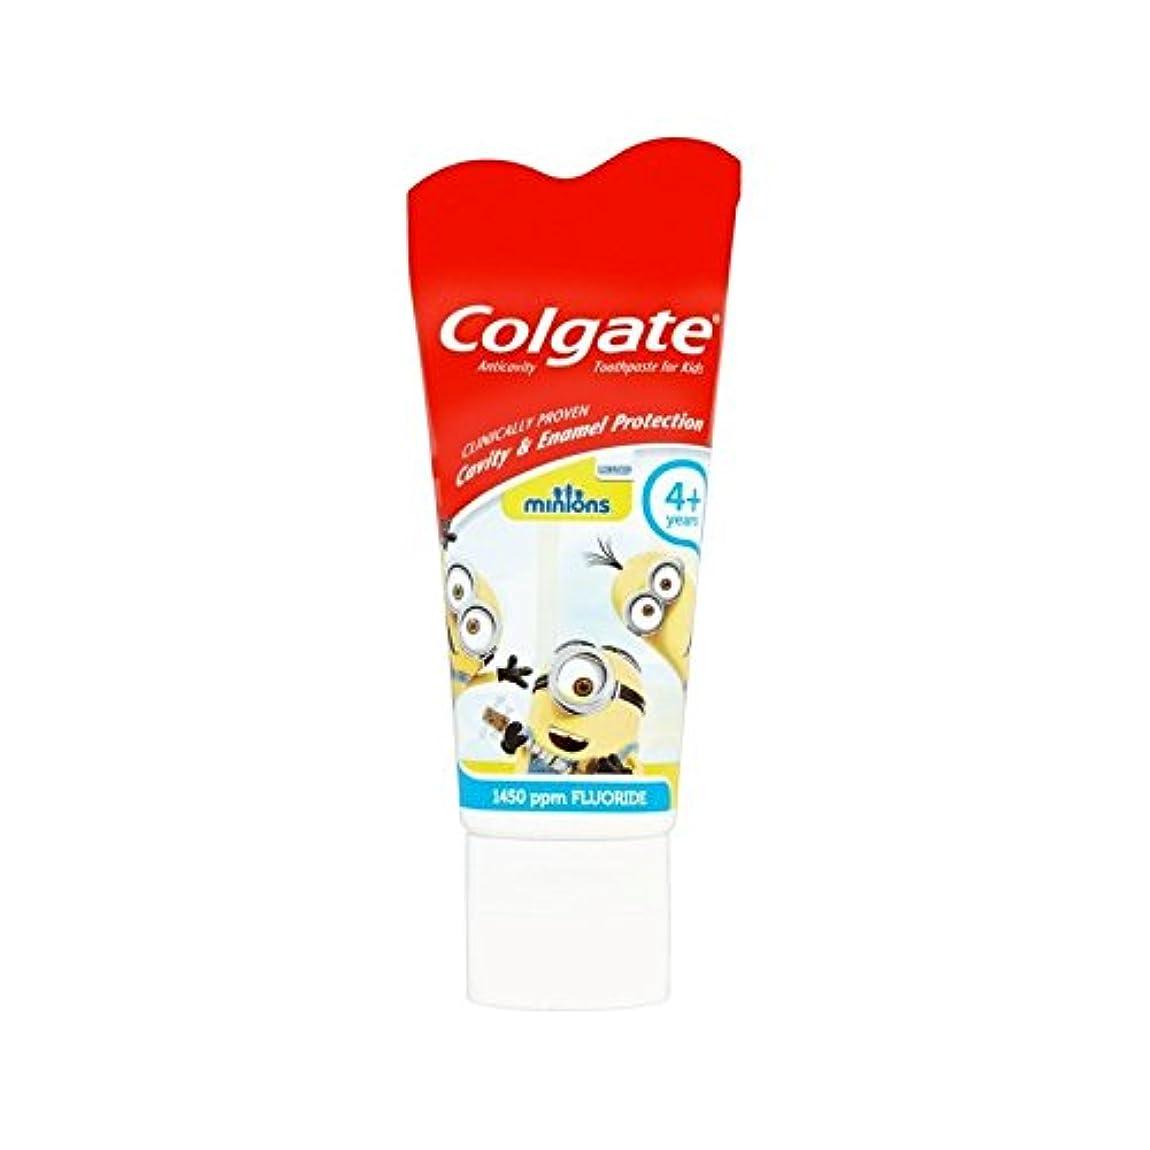 遊びます徒歩で毎週手下の子供4+歯磨き粉50ミリリットル (Colgate) (x 6) - Colgate Minions Kids 4+ Toothpaste 50ml (Pack of 6) [並行輸入品]